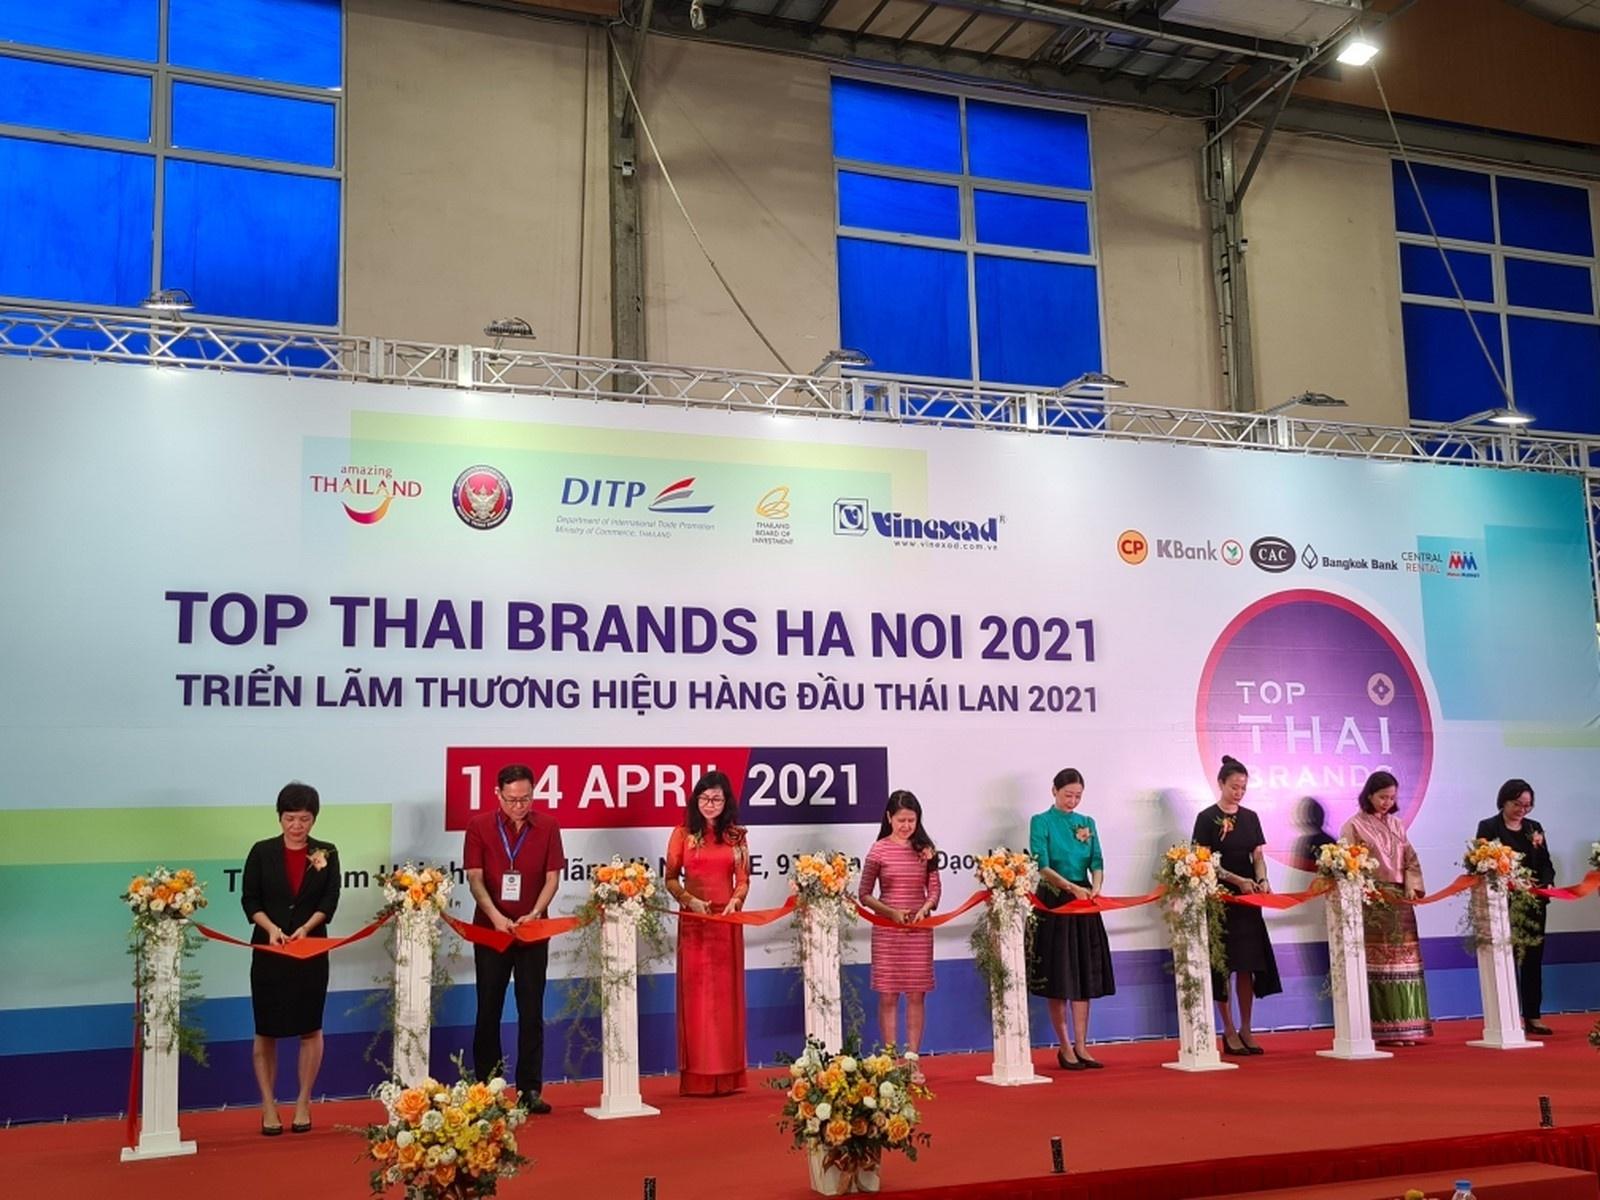 trien lam thuong hieu hang dau thai lan 2021 thu hut 90 gian hang